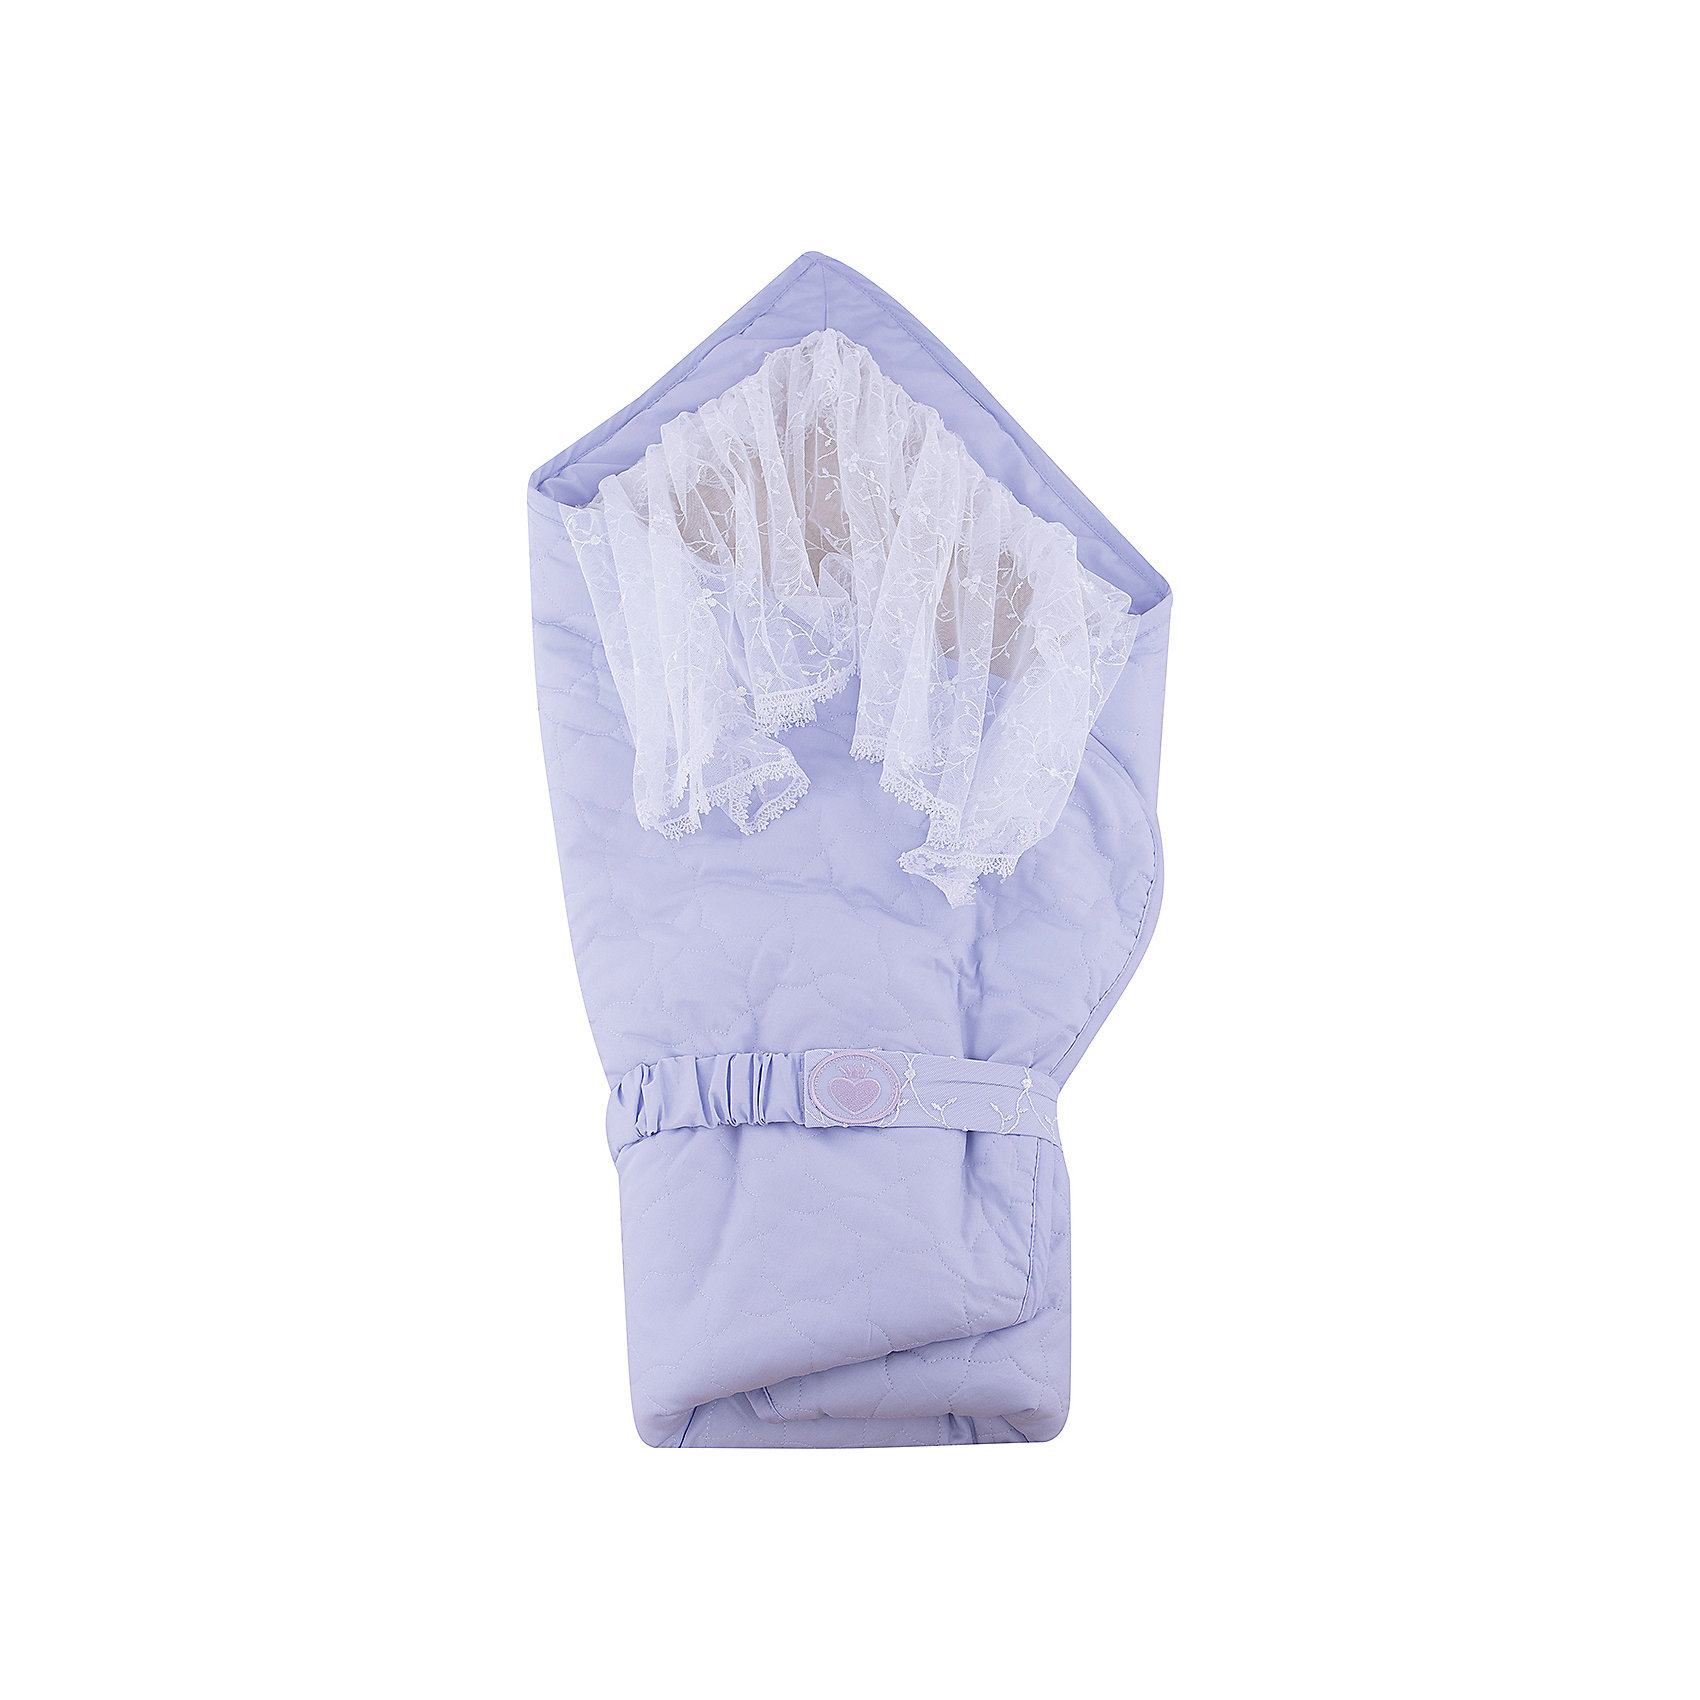 Одеяло-конверт Зимушка, Сонный гномик, голубойОдеяло-конверт, Зимушка, Сонный гномик, голубой предназначен для выписки и прогулок в зимнее время года. Верх одеяла выполнен из сатина, внутренняя часть – из овечьей шерсти, наполнитель – синтепон, благодаря этому конверт идеально подходит в качестве верхнего слоя в холодное время года. Изделие может использоваться не только в виде конверта для выписки или прогулок, но и в качестве одеяла. Размеры составляют 100*100 см, что позволит использовать одеяло еще долгое время. Полотно одеяла стеганое, что защищает от сбивания наполнителя. У конверта имеется съемная вуаль и пояс, что придает неповторимый и нарядный вид. <br><br>Дополнительная информация:<br><br>- Предназначение: для прогулки, на выписку<br>- Сезон: зима<br>- Материал: сатин, овечья шерсть, в качестве наполнителя – синтепон<br>- Пол: для мальчика<br>- Цвет: голубой<br>- Размеры упаковки (Д*Ш*В): 60*10*45 см<br>- Вес: 940 г<br>- Особенности ухода: разрешается стирка при температуре не более 30 градусов, запрещается использовать химические отбеливатели<br><br>Подробнее:<br><br>• Для детей в возрасте от 0 месяцев и до 6 месяцев<br>• Страна производитель: Россия<br>• Торговый бренд: Сонный гномик<br><br>Одеяло-конверт, Зимушка, Сонный гномик, голубой можно купить в нашем интернет-магазине.<br><br>Ширина мм: 600<br>Глубина мм: 100<br>Высота мм: 450<br>Вес г: 940<br>Возраст от месяцев: 0<br>Возраст до месяцев: 6<br>Пол: Мужской<br>Возраст: Детский<br>SKU: 4922768